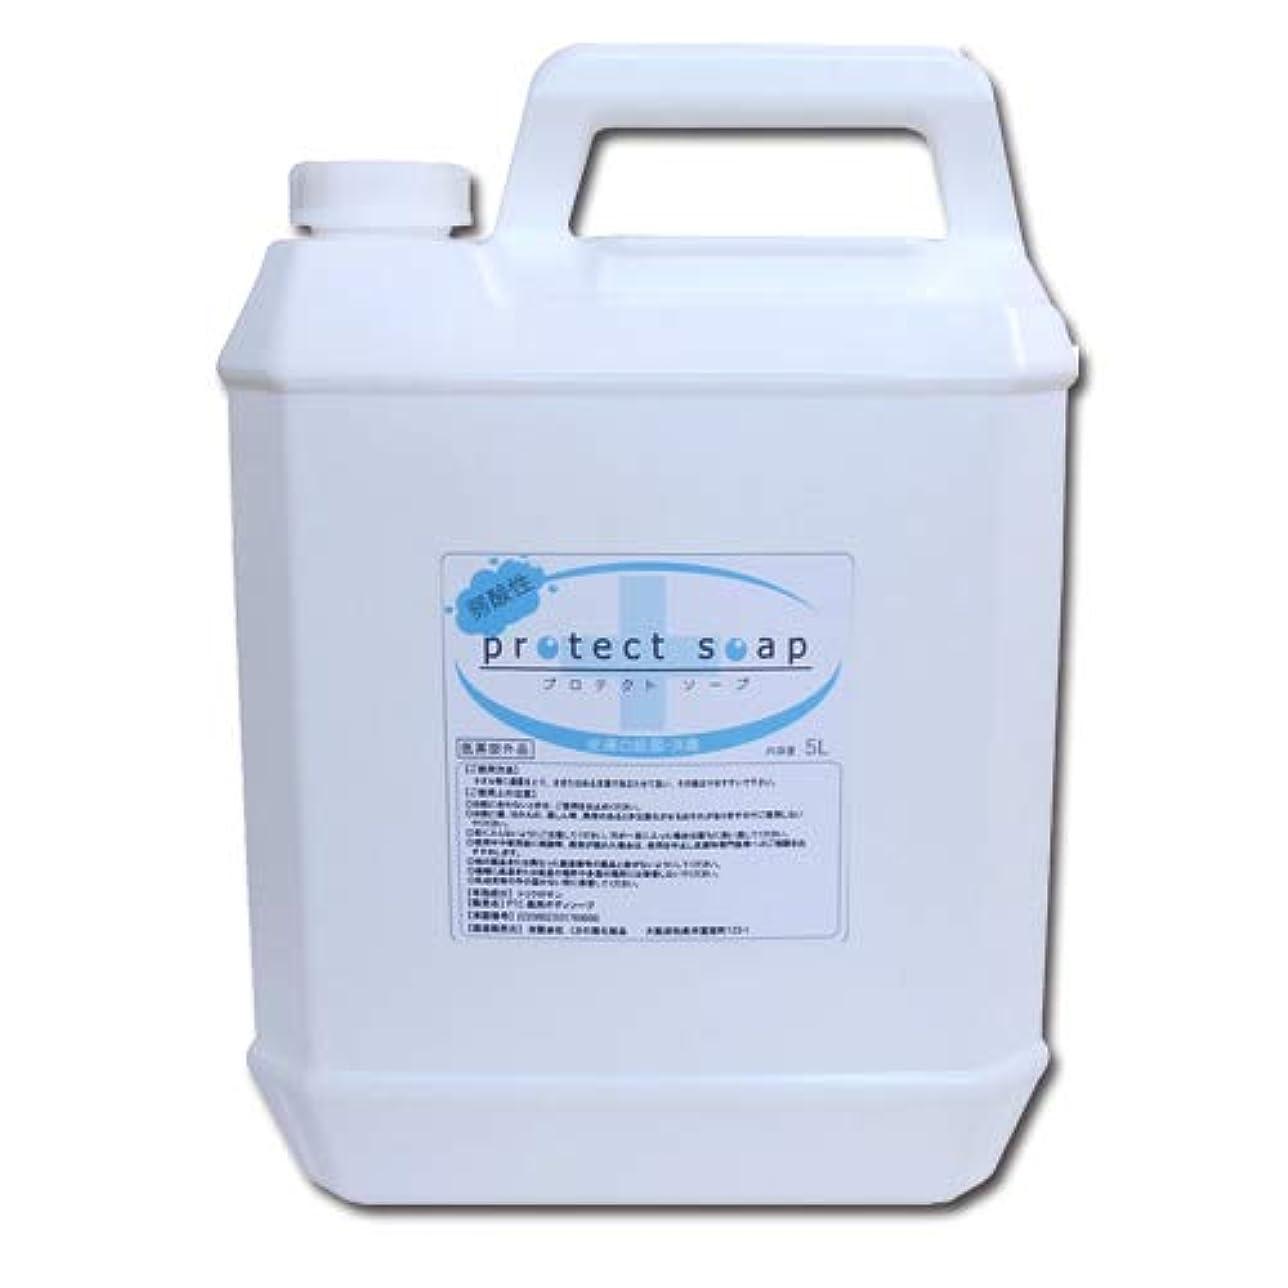 簡単に研究所計器低刺激弱酸性 液体石鹸 プロテクトソープ 5L 業務用│せっけん液 液体せっけん 殺菌?消毒 インフルエンザ?ノロウィルス対策